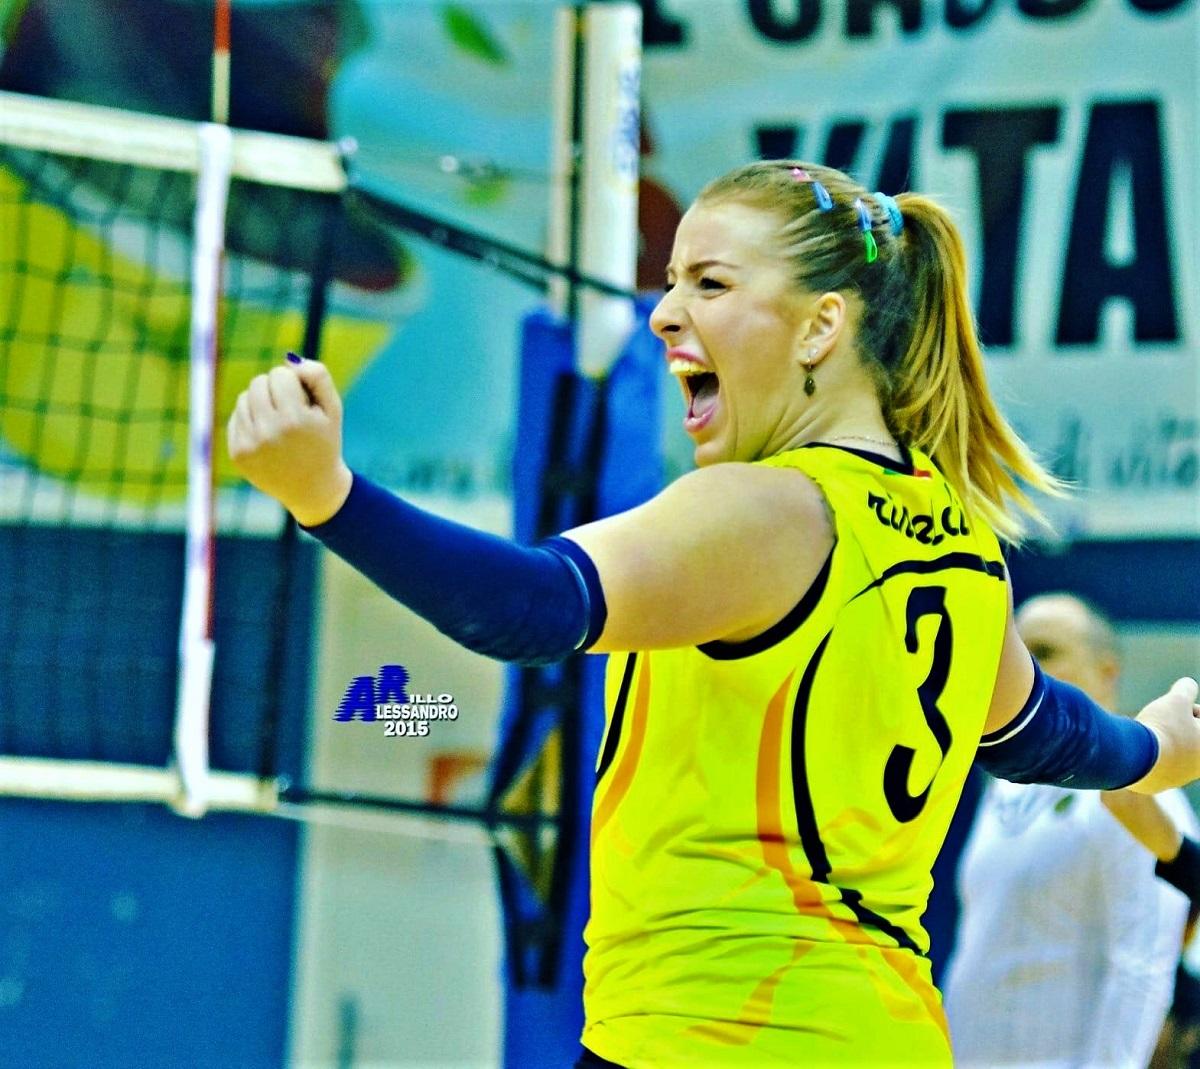 Dorotea Rinaldi